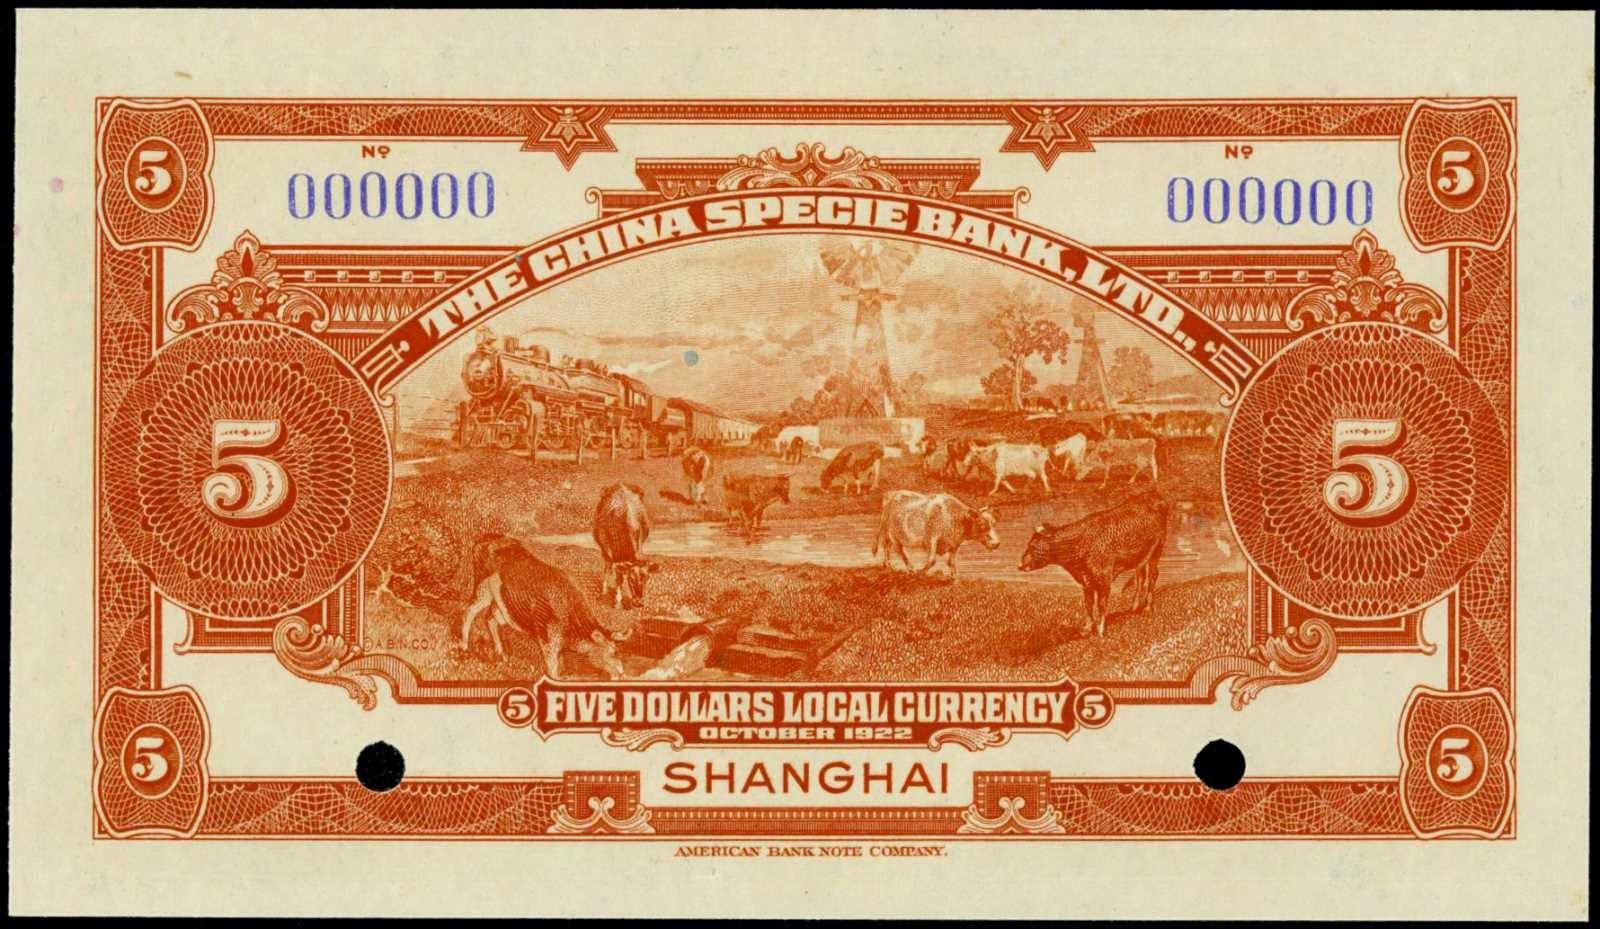 China Banknotes 5 Dollars Specie Bank